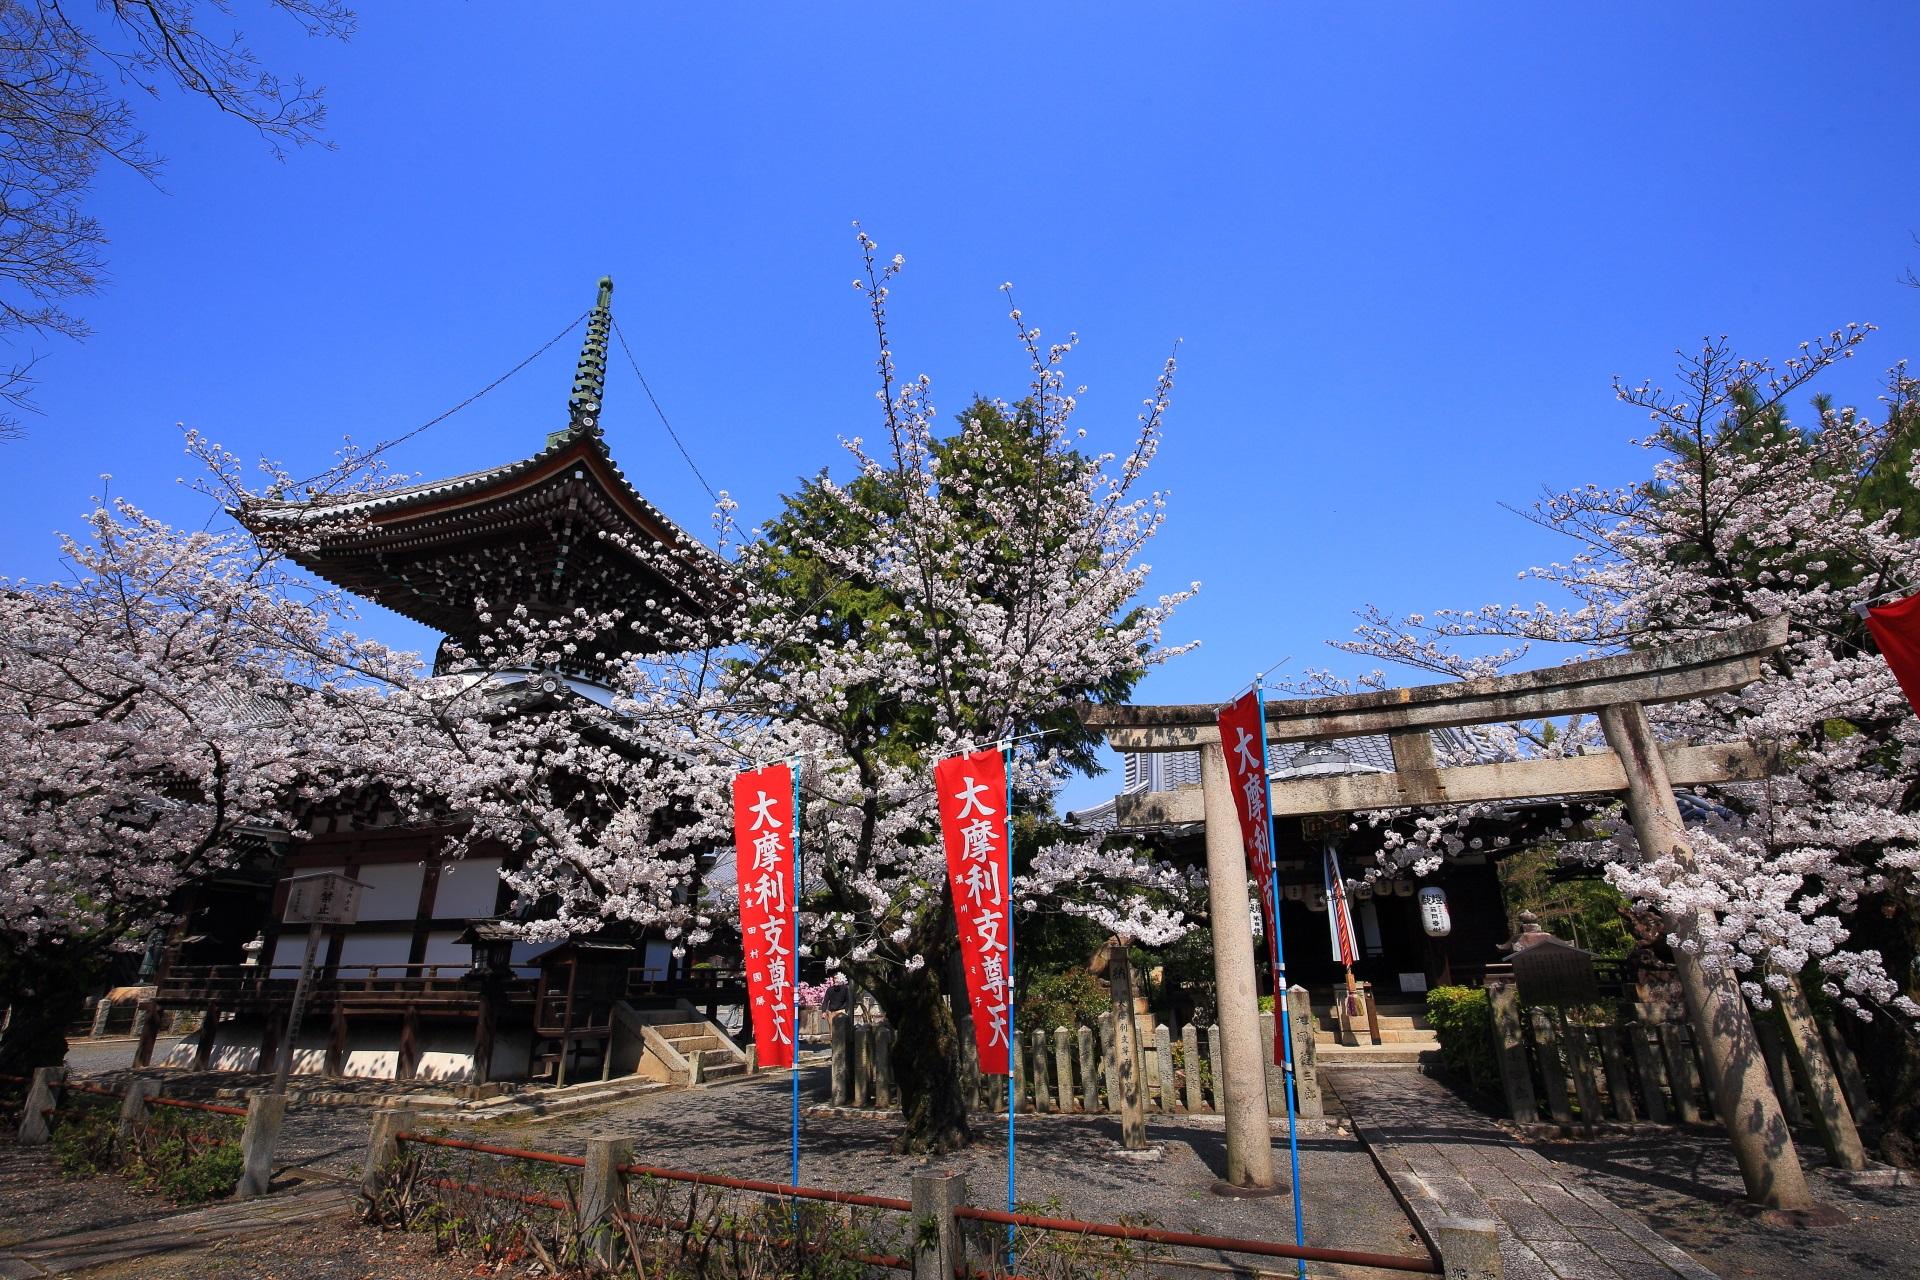 本法寺の多宝塔と摩利支天堂と桜